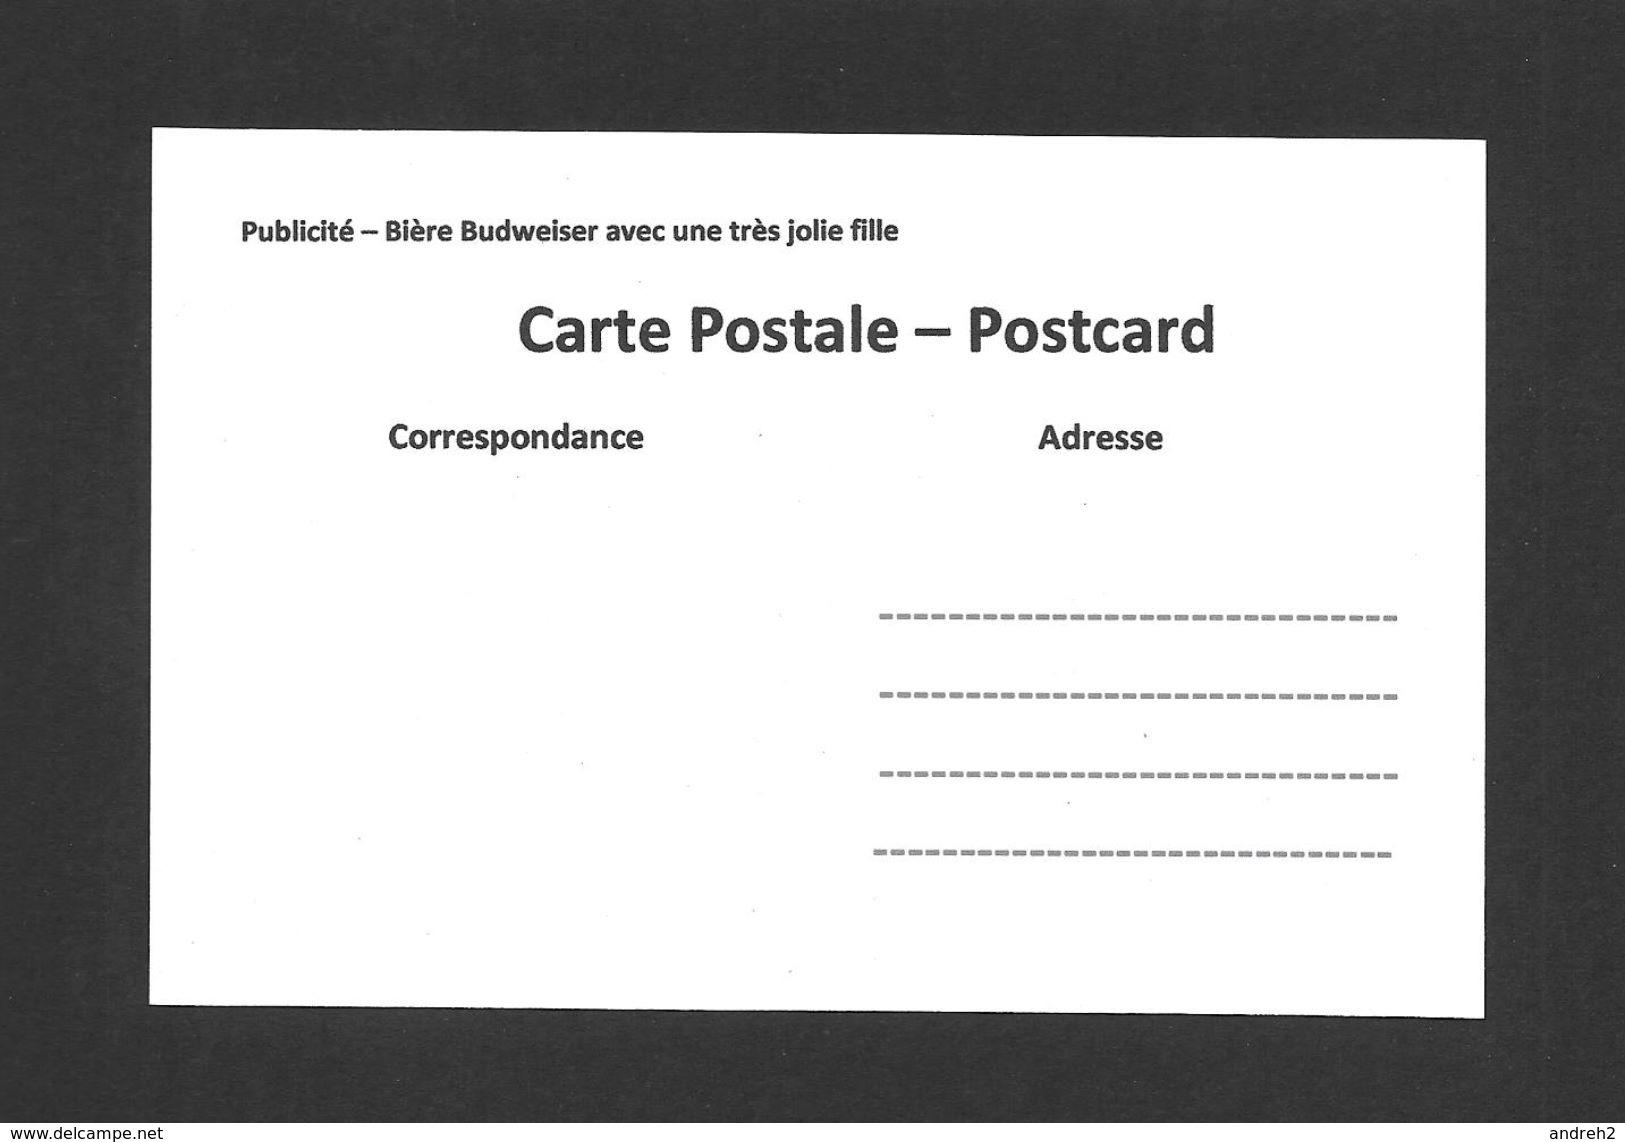 PUBLICITÉ - ADVERTISING - BIÈRE BUDWEISER AVEC UNE TRÈS JOLIE FILLE - Publicité